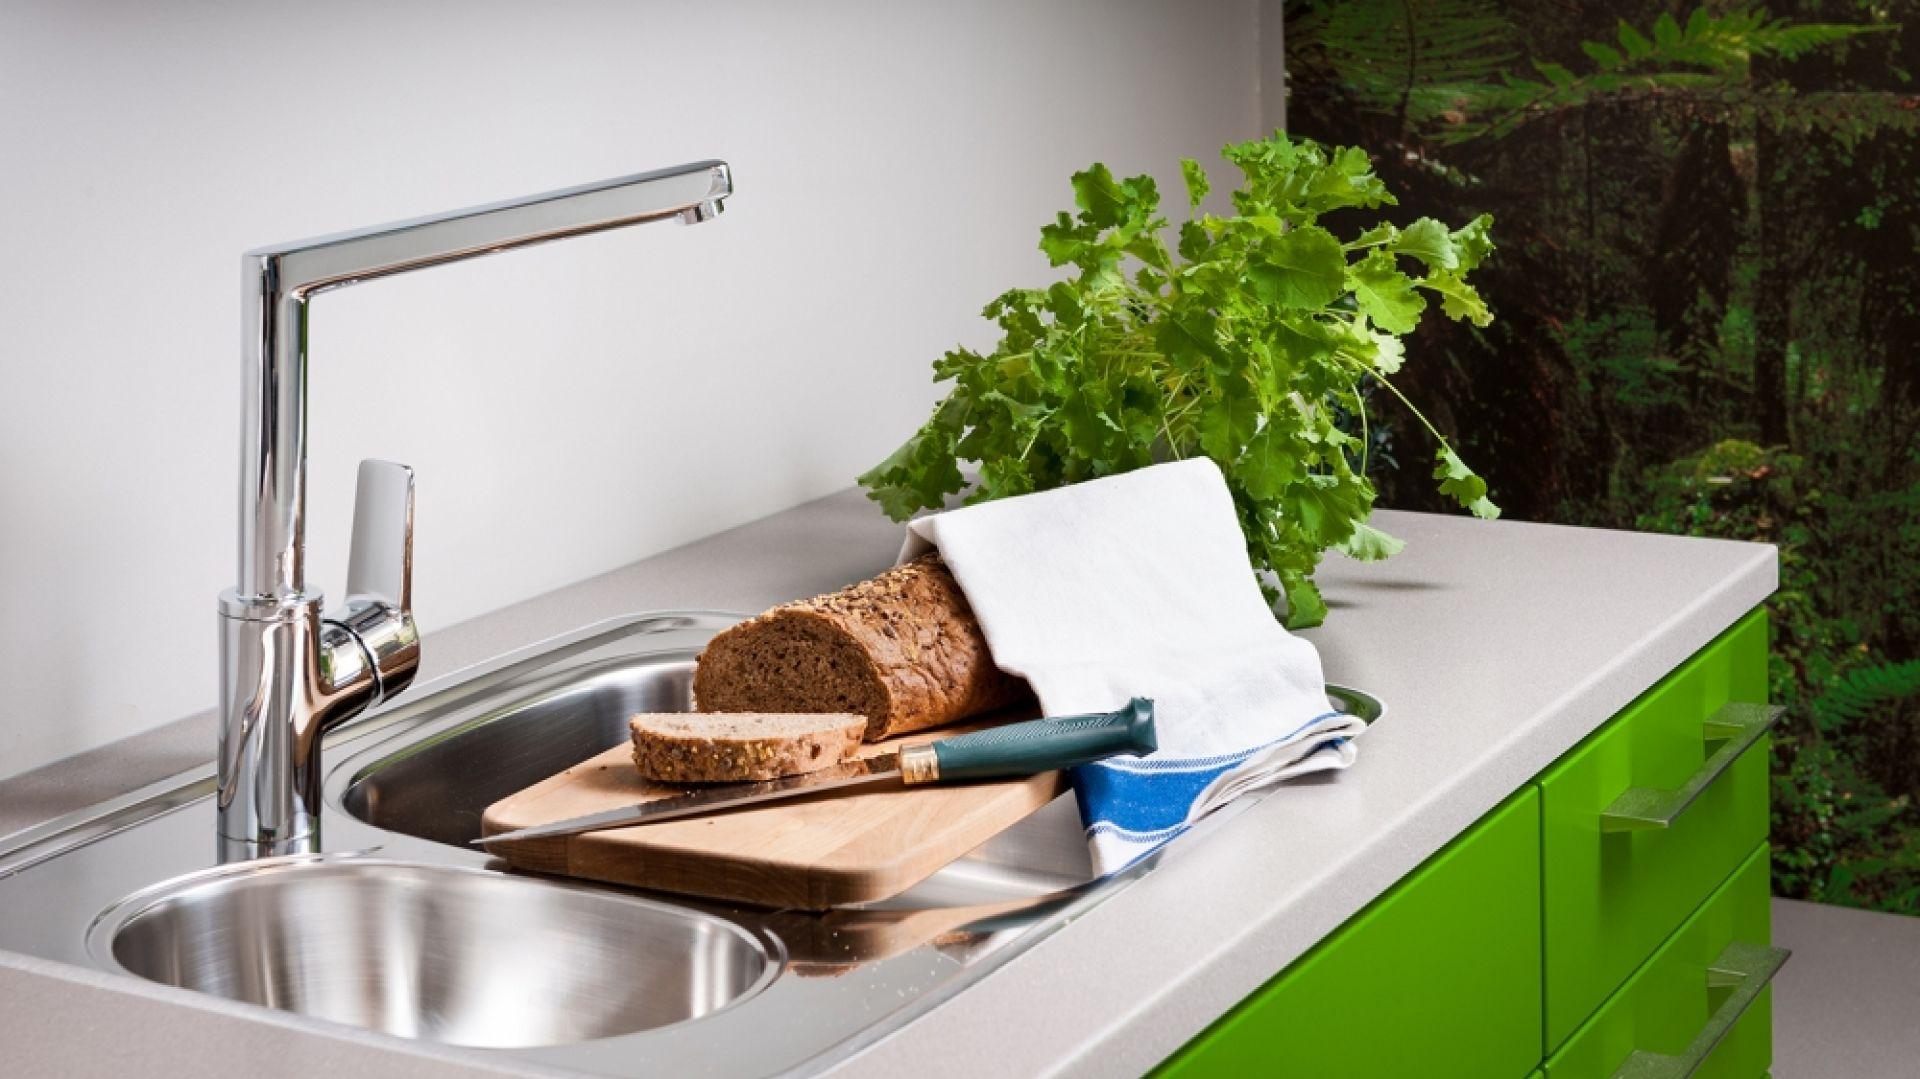 Dobierając zlewozmywak do swojej kuchni należy wziąć pod uwagę wielkość samego pomieszczenia i to, czy posiadamy zmywarkę. Fot. Oras